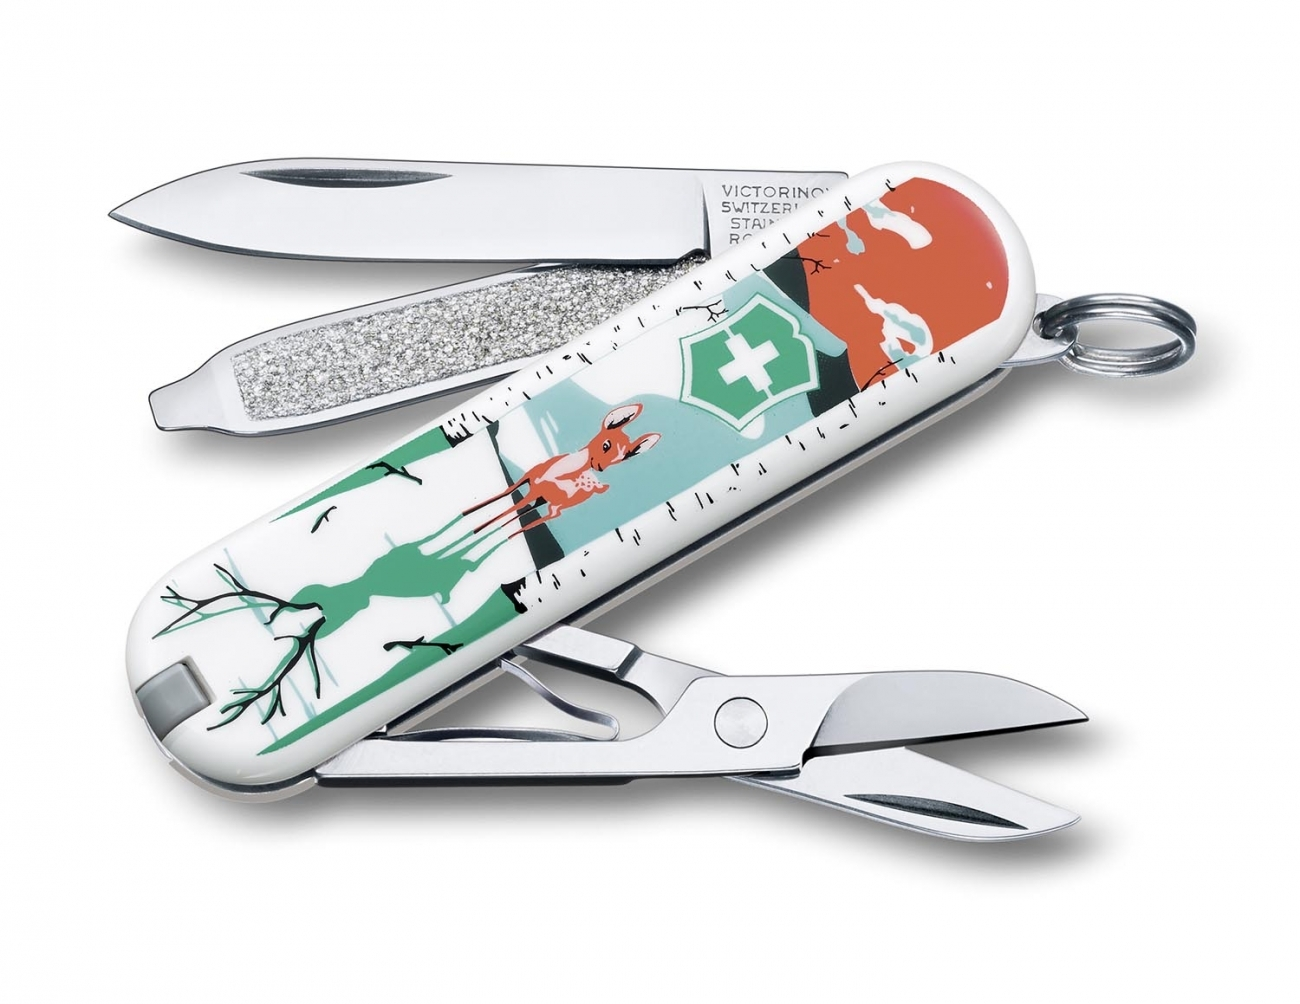 Нож перочинный Victorinox Classic LE2015 They ll Grow, Deer 7 функций 58 ммРаскладные ножи<br>Брендовый нож-брелок Victorinox Classic 58мм с 7-ю функциями. Является миниатюрным вариантом легендарного швейцарского ножа. Нож имеет кольцо на которое можно подвесить ключи.<br>